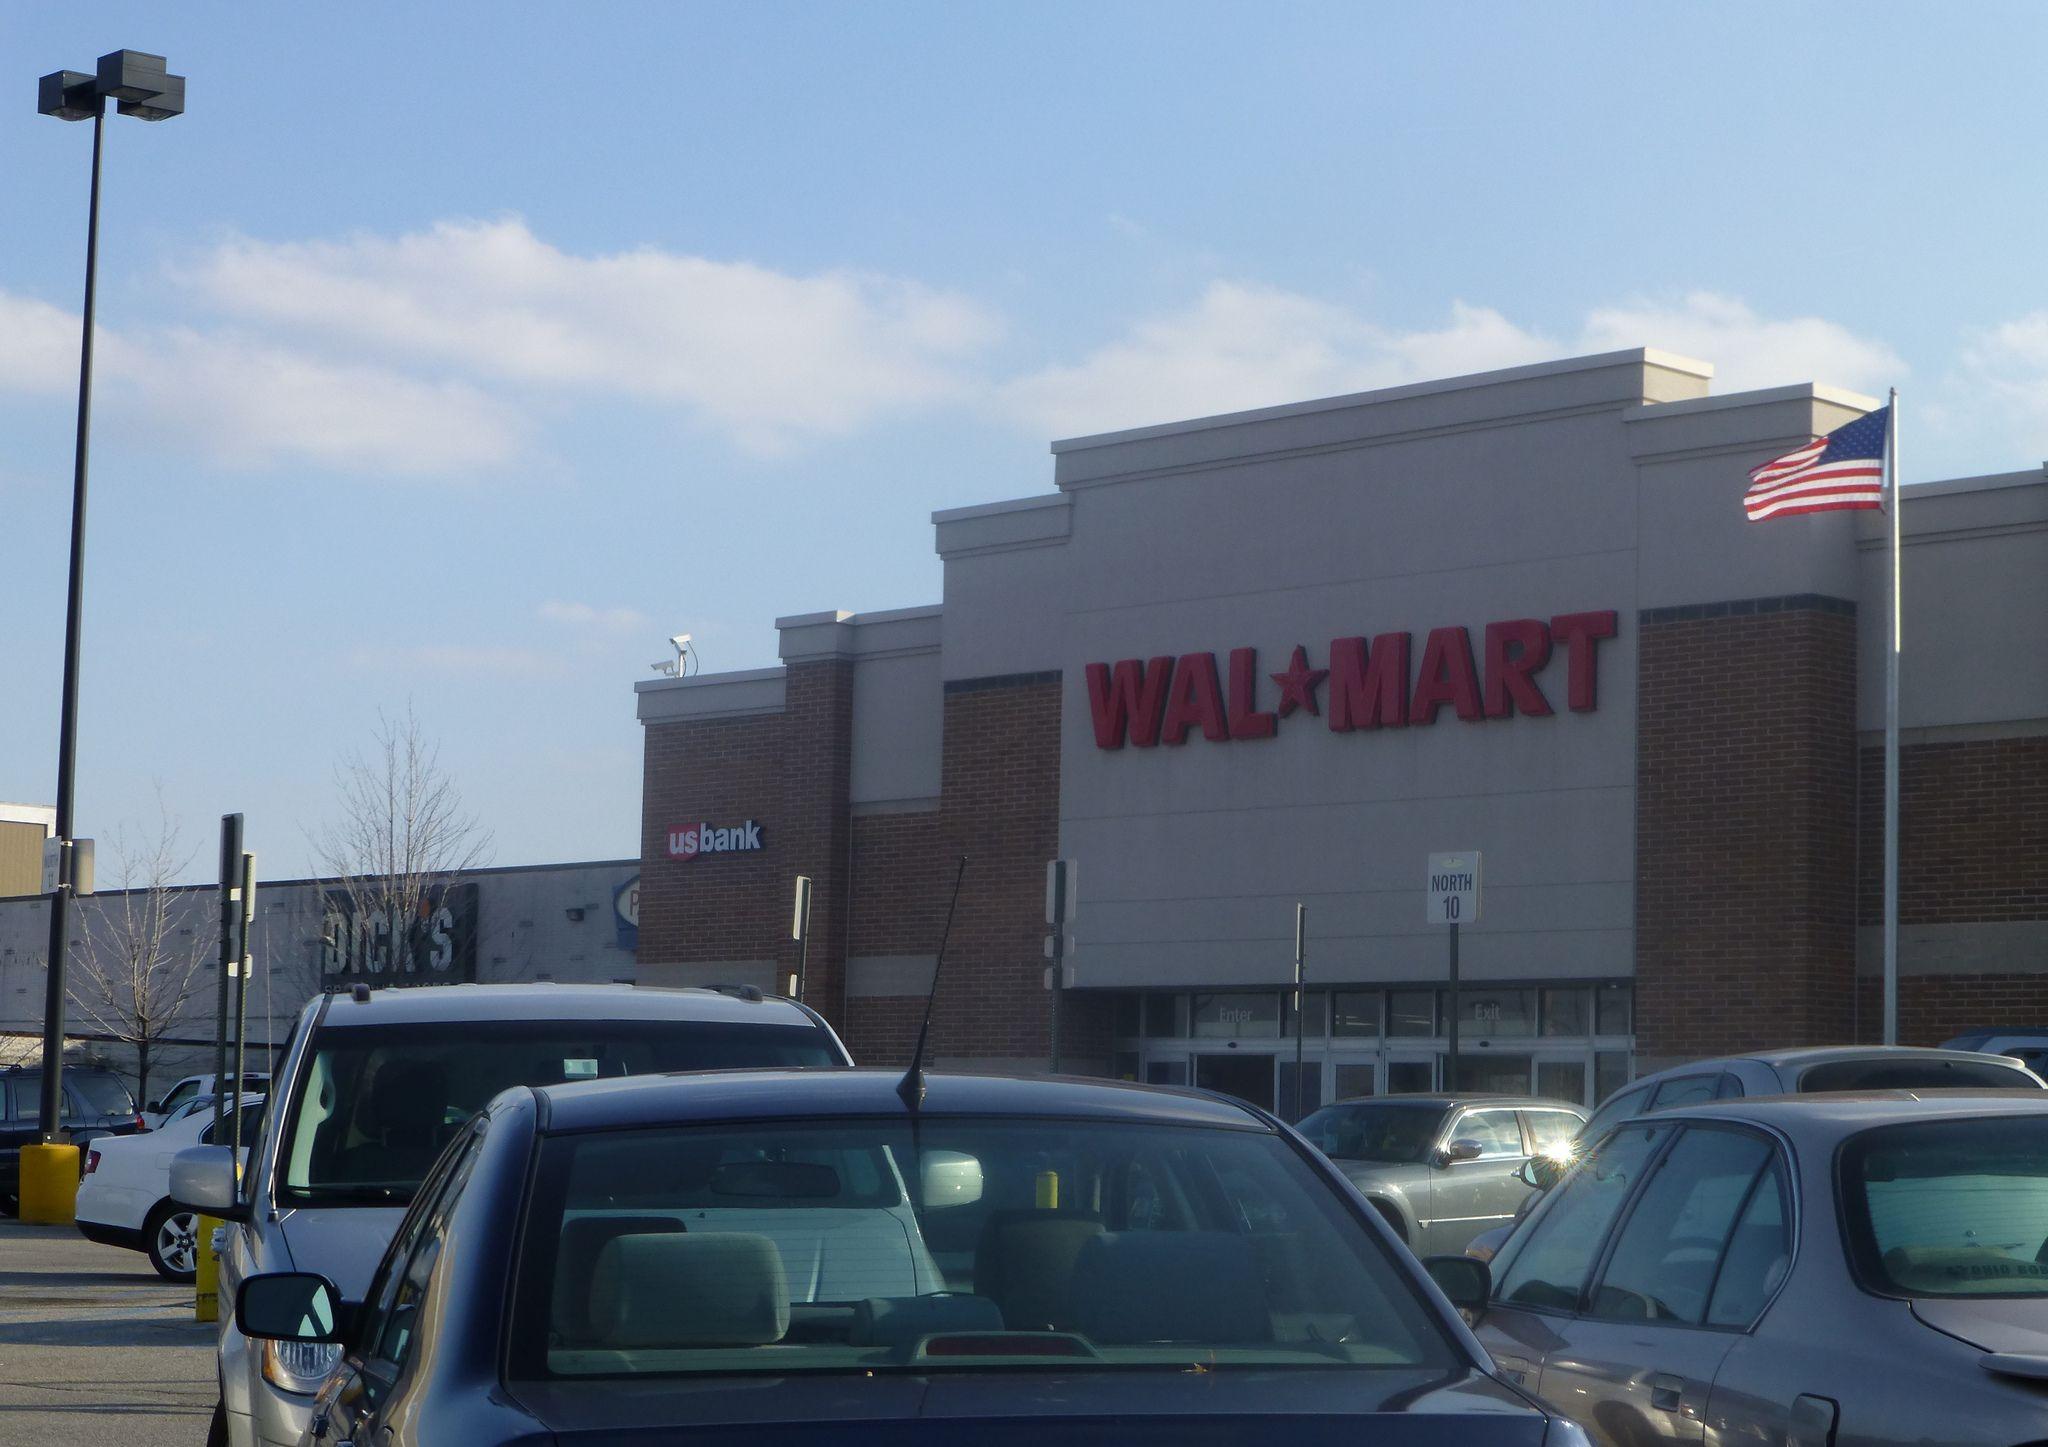 Walmart In Parma Ohio Ohio Parma Walmart